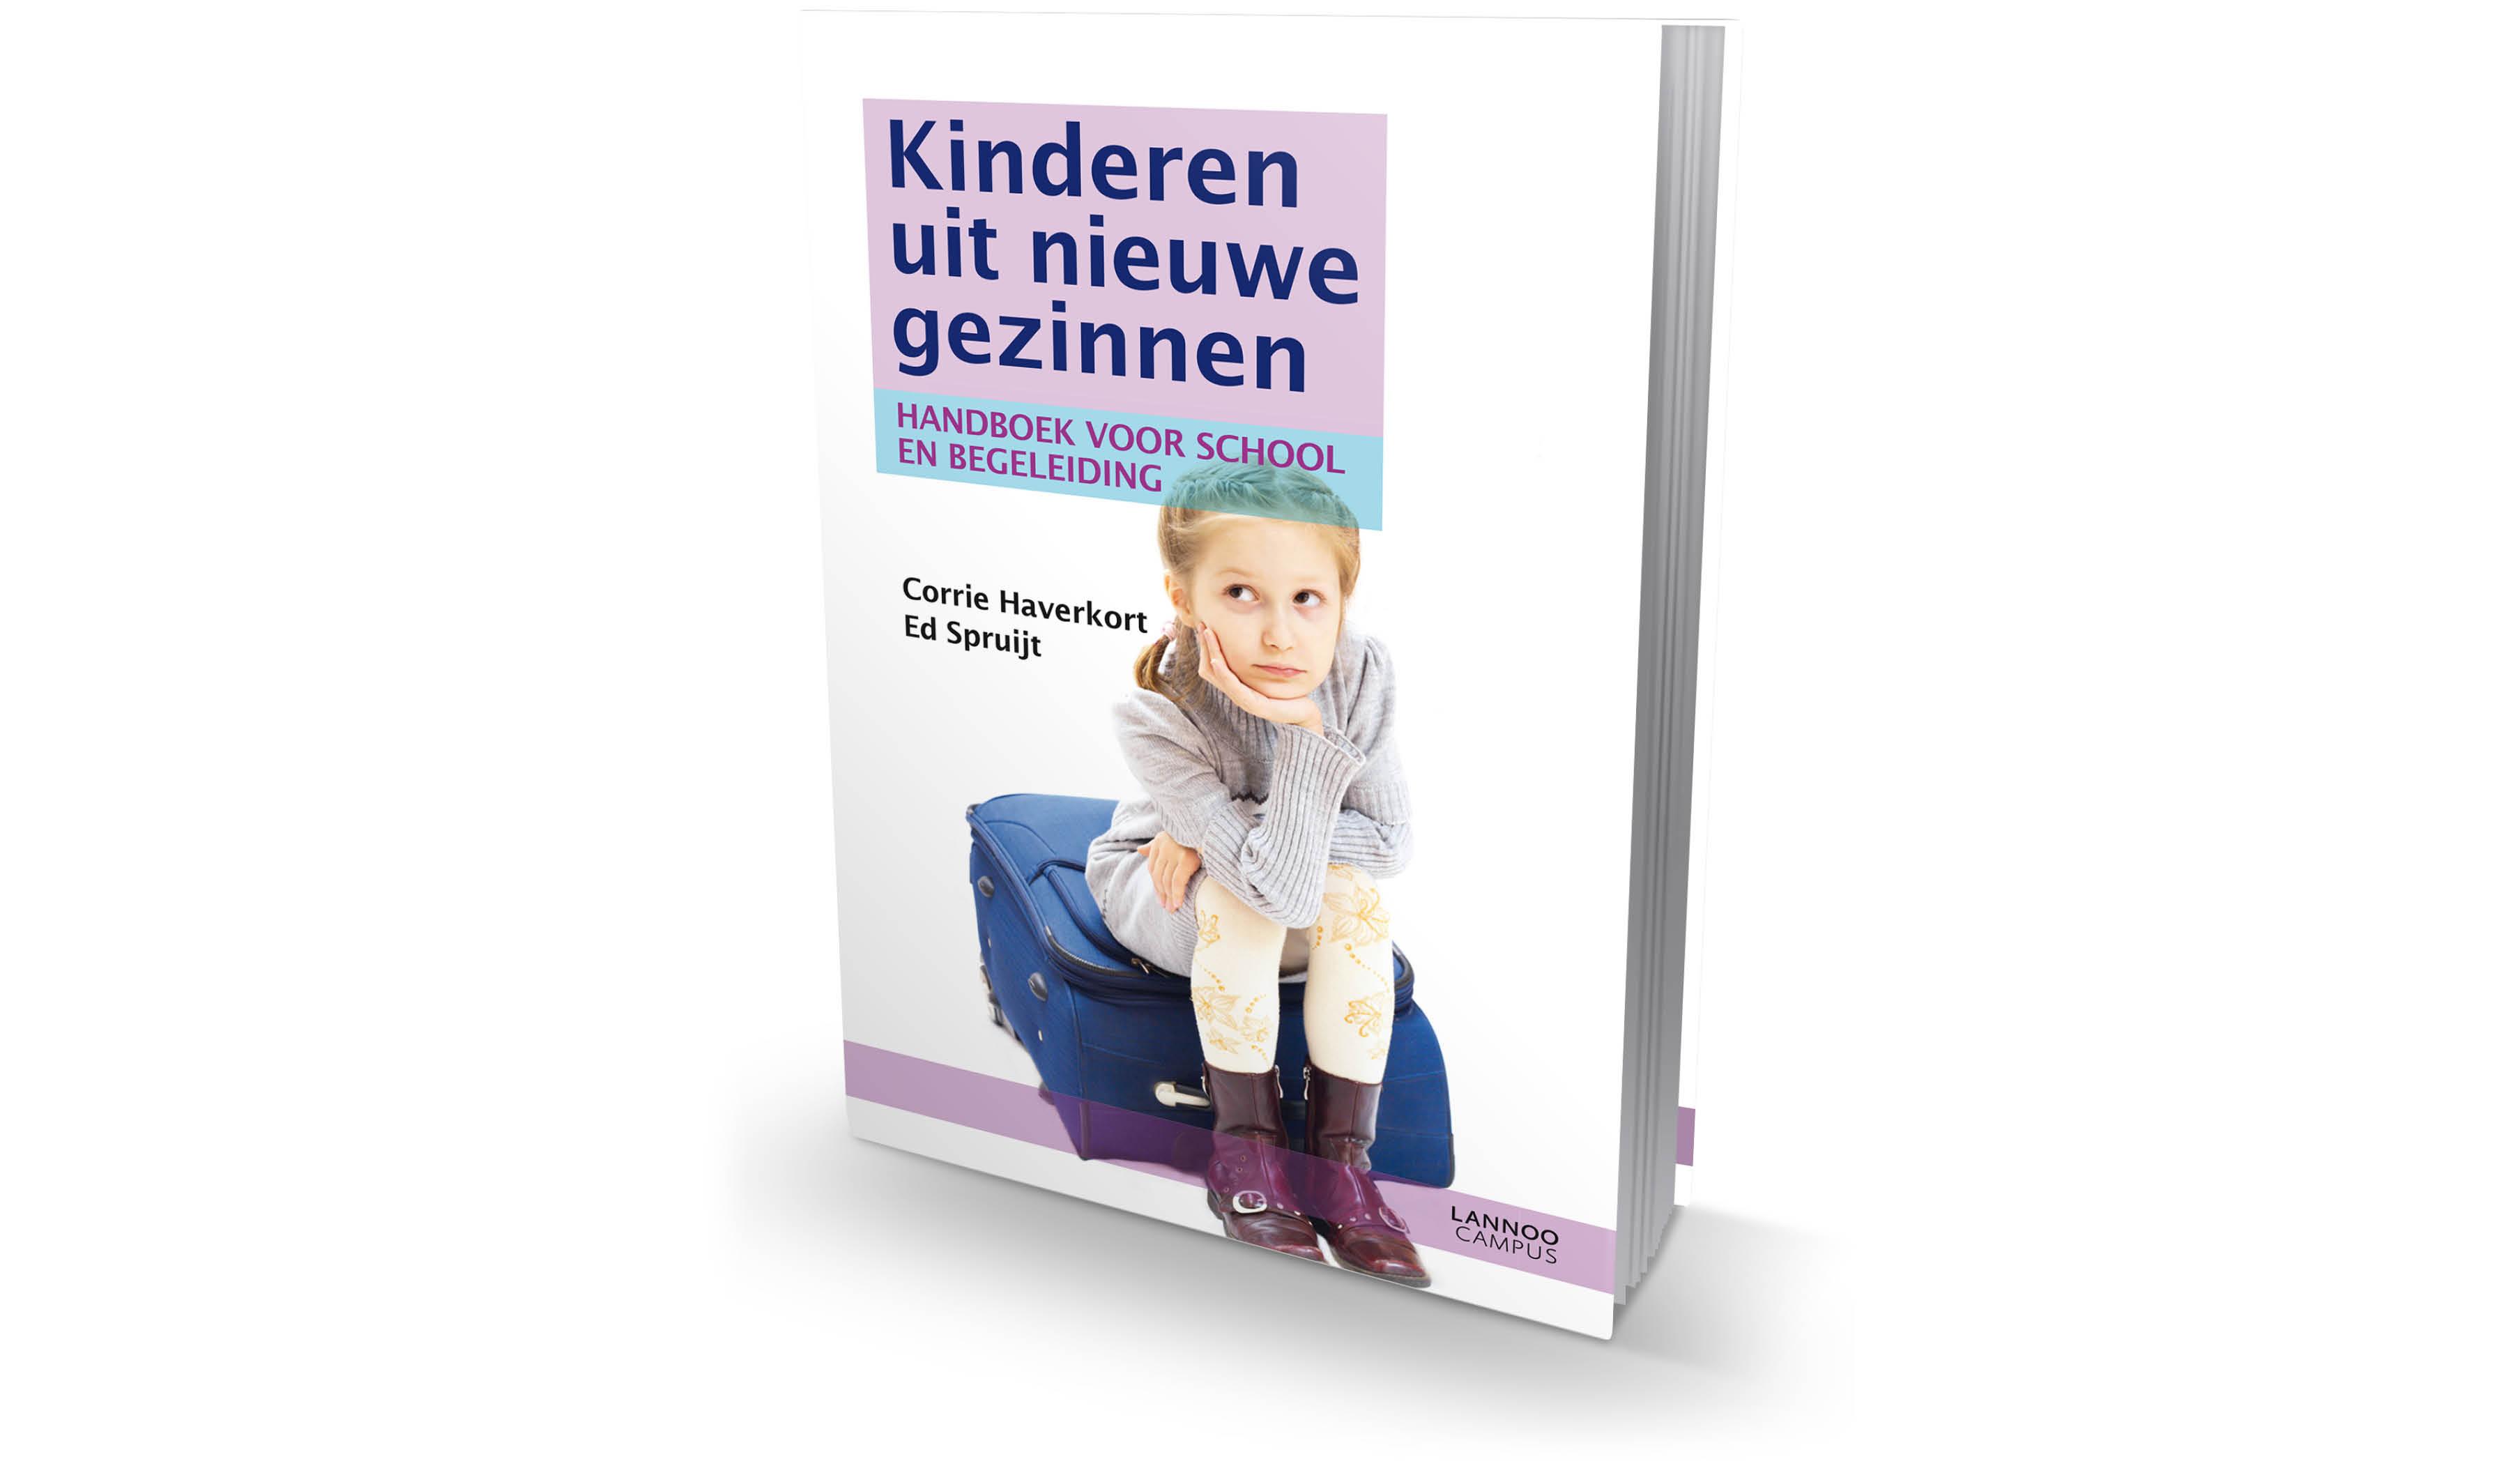 Boeken_13_306 x 180 pixels